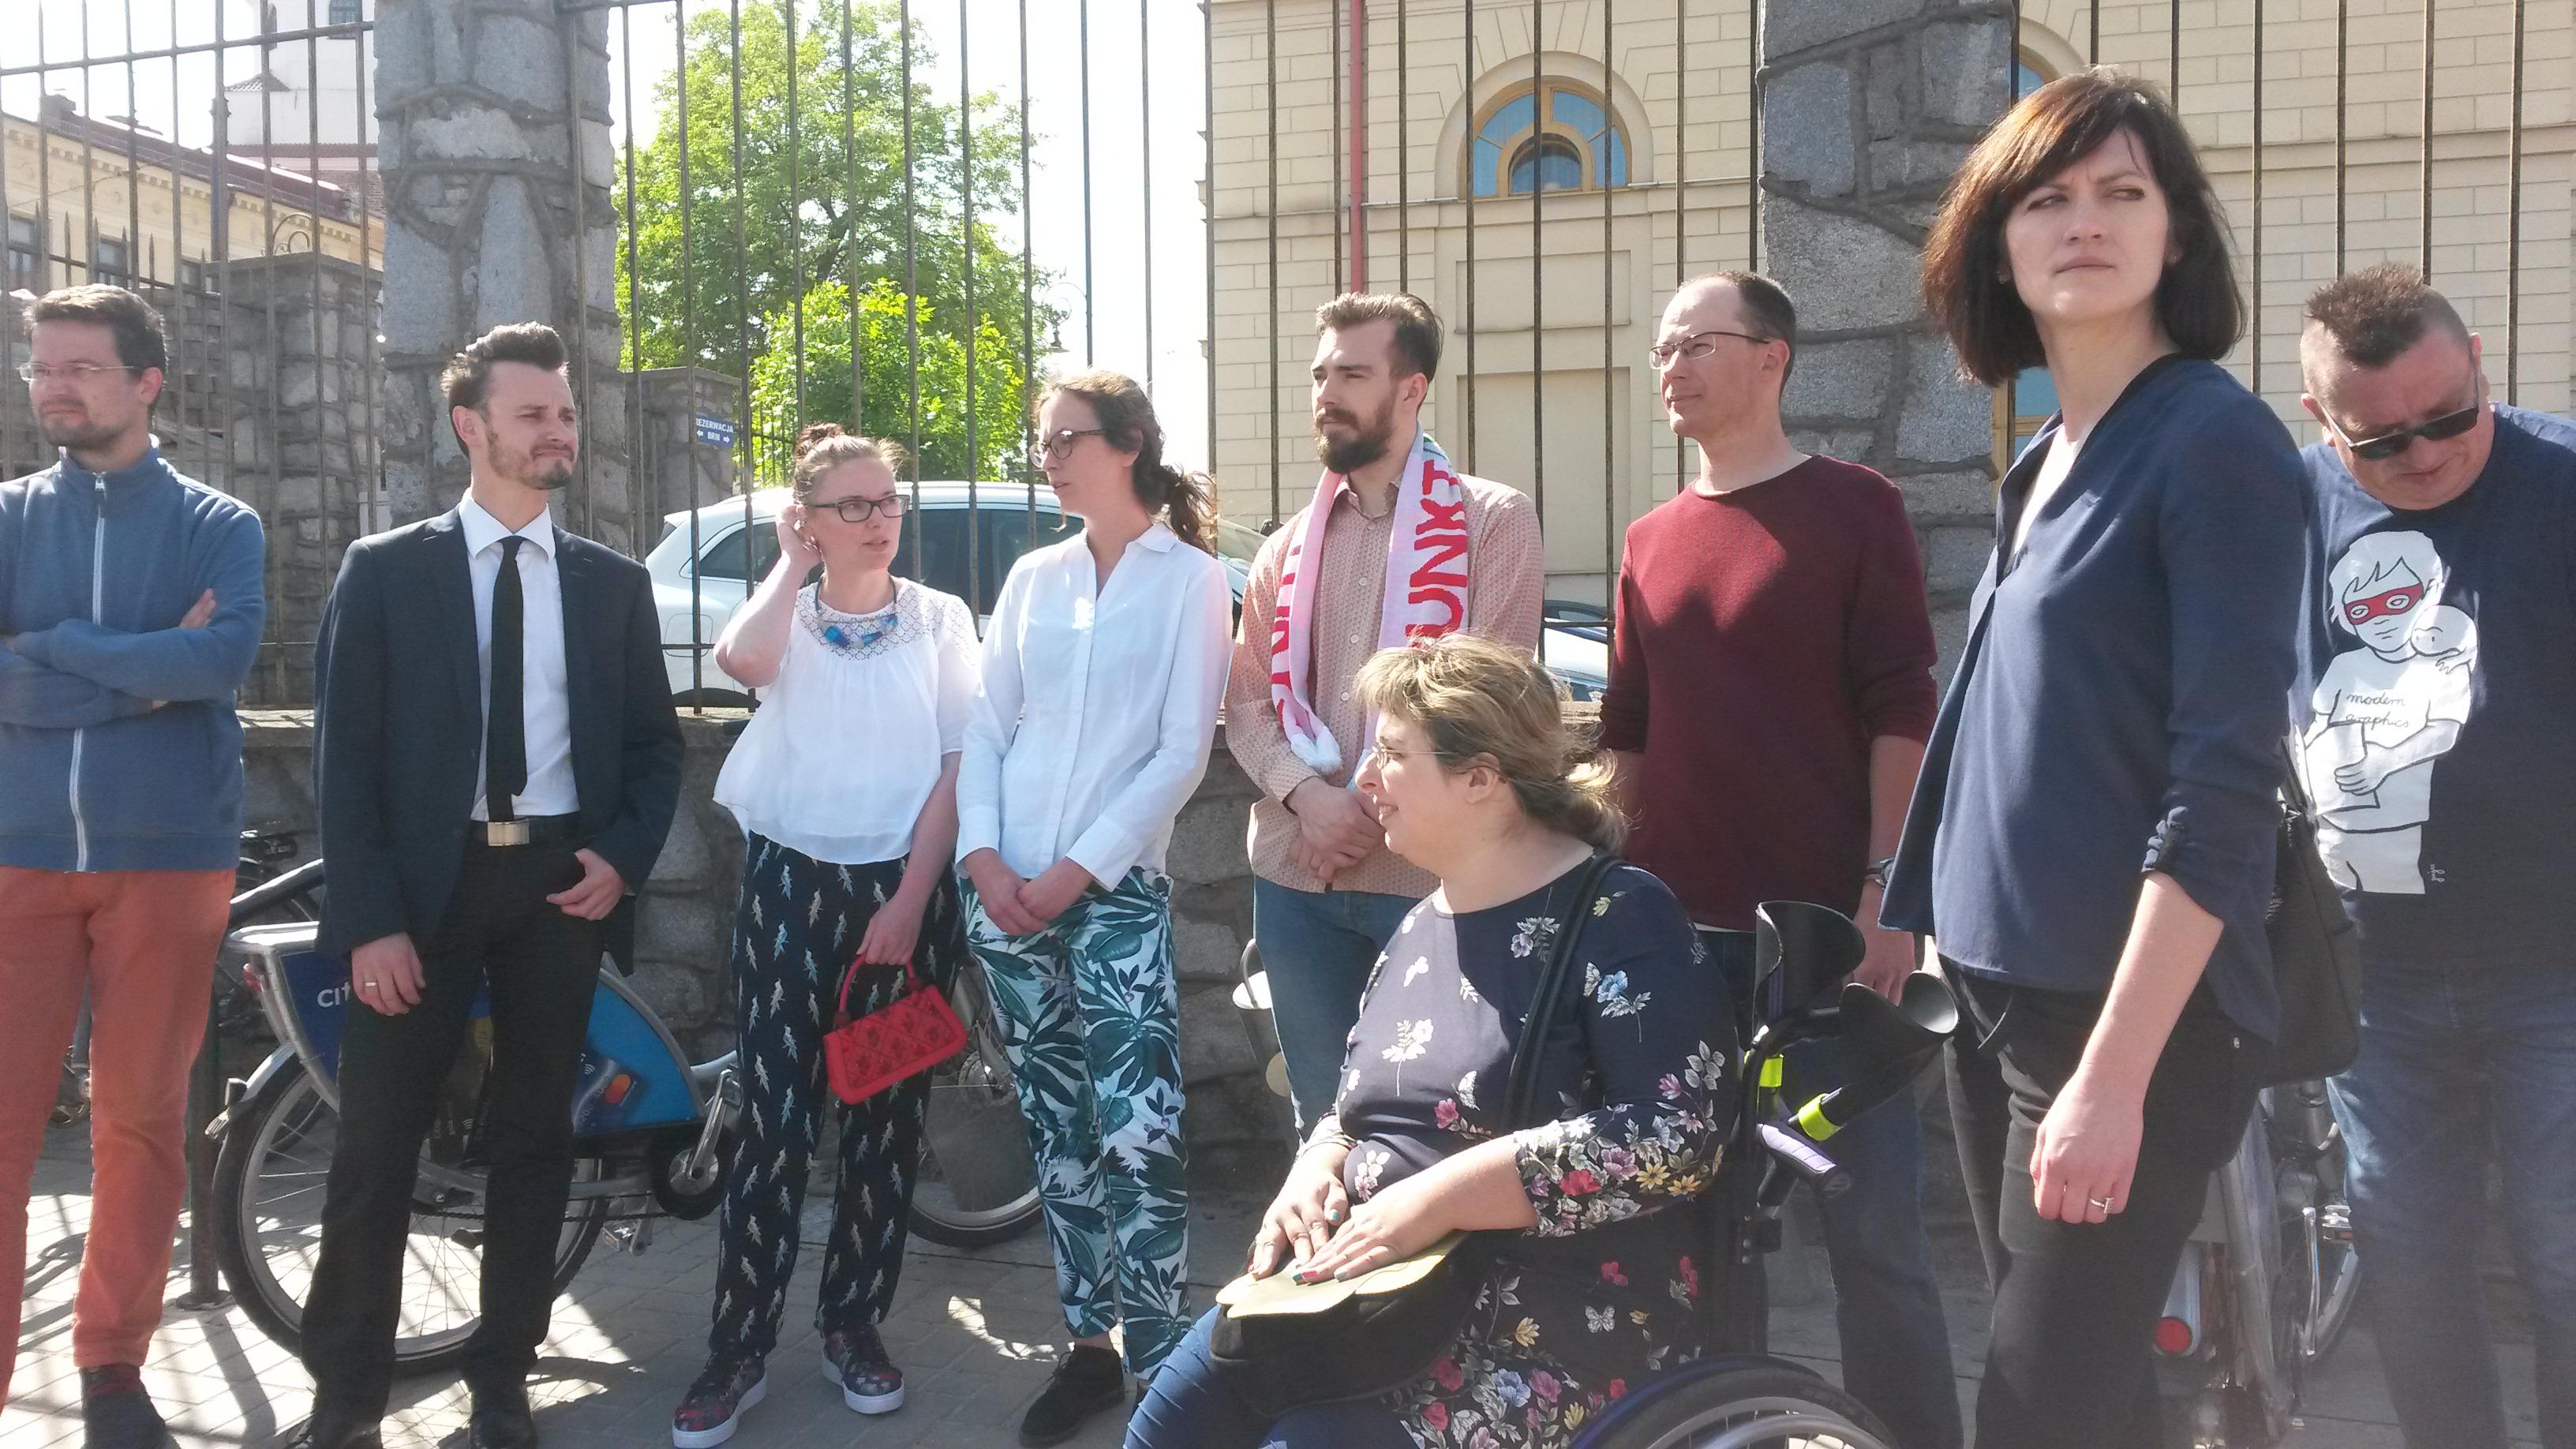 """Lubelski Ruch Miejski """"Miasto dla Ludzi"""" wkracza na lubelską scenę polityczną"""